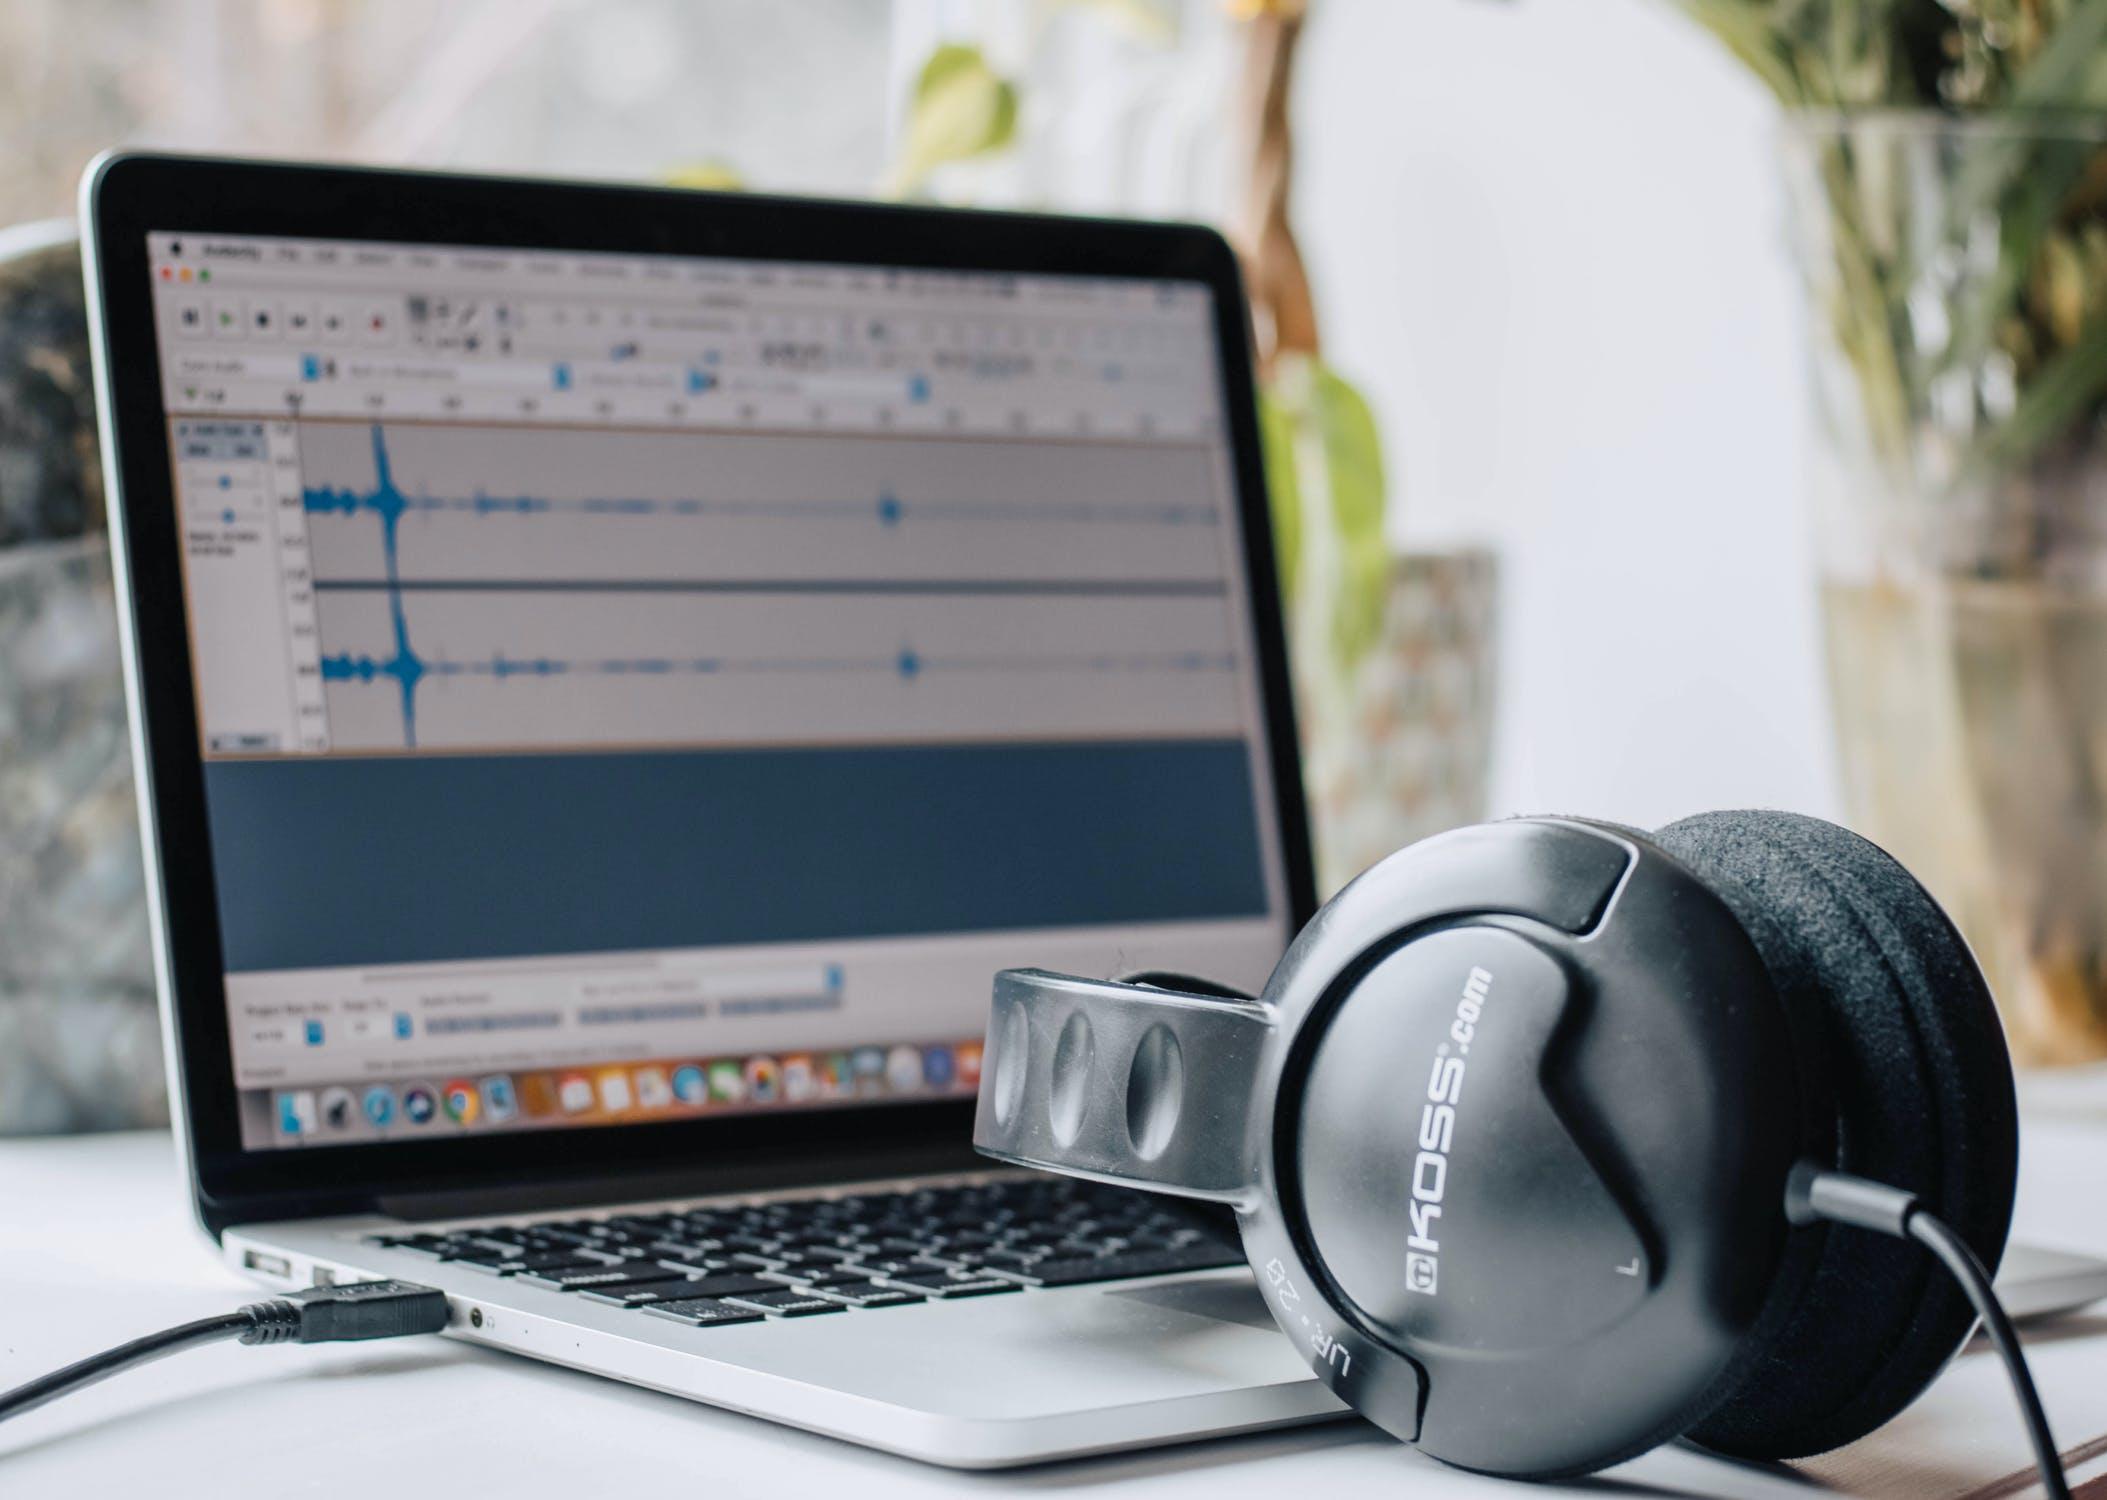 demo audiolibros - demos audiolibros